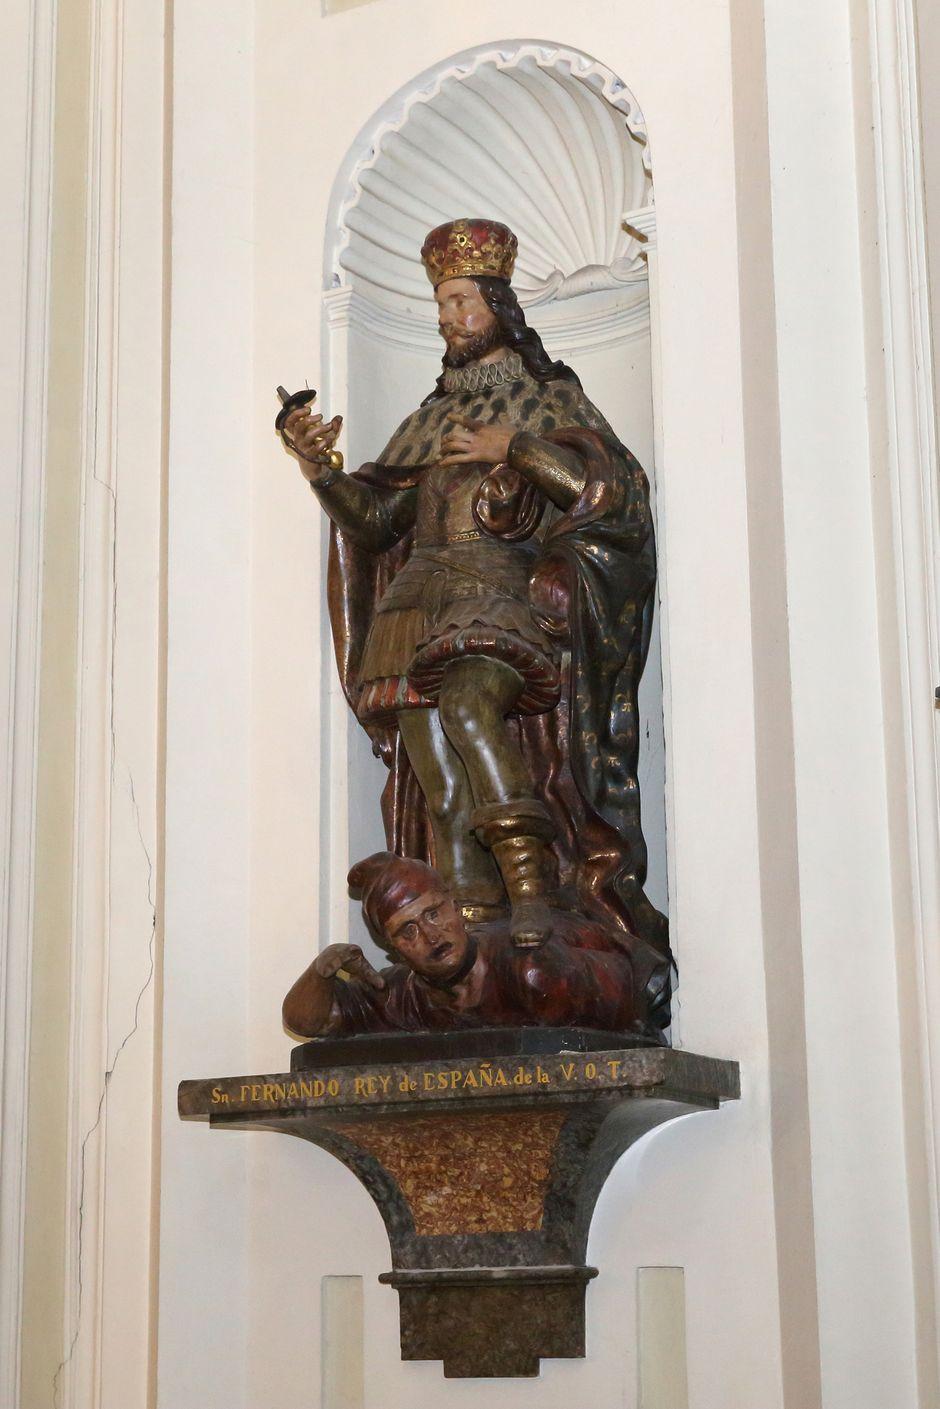 San Fernando Rey de España de la VOT